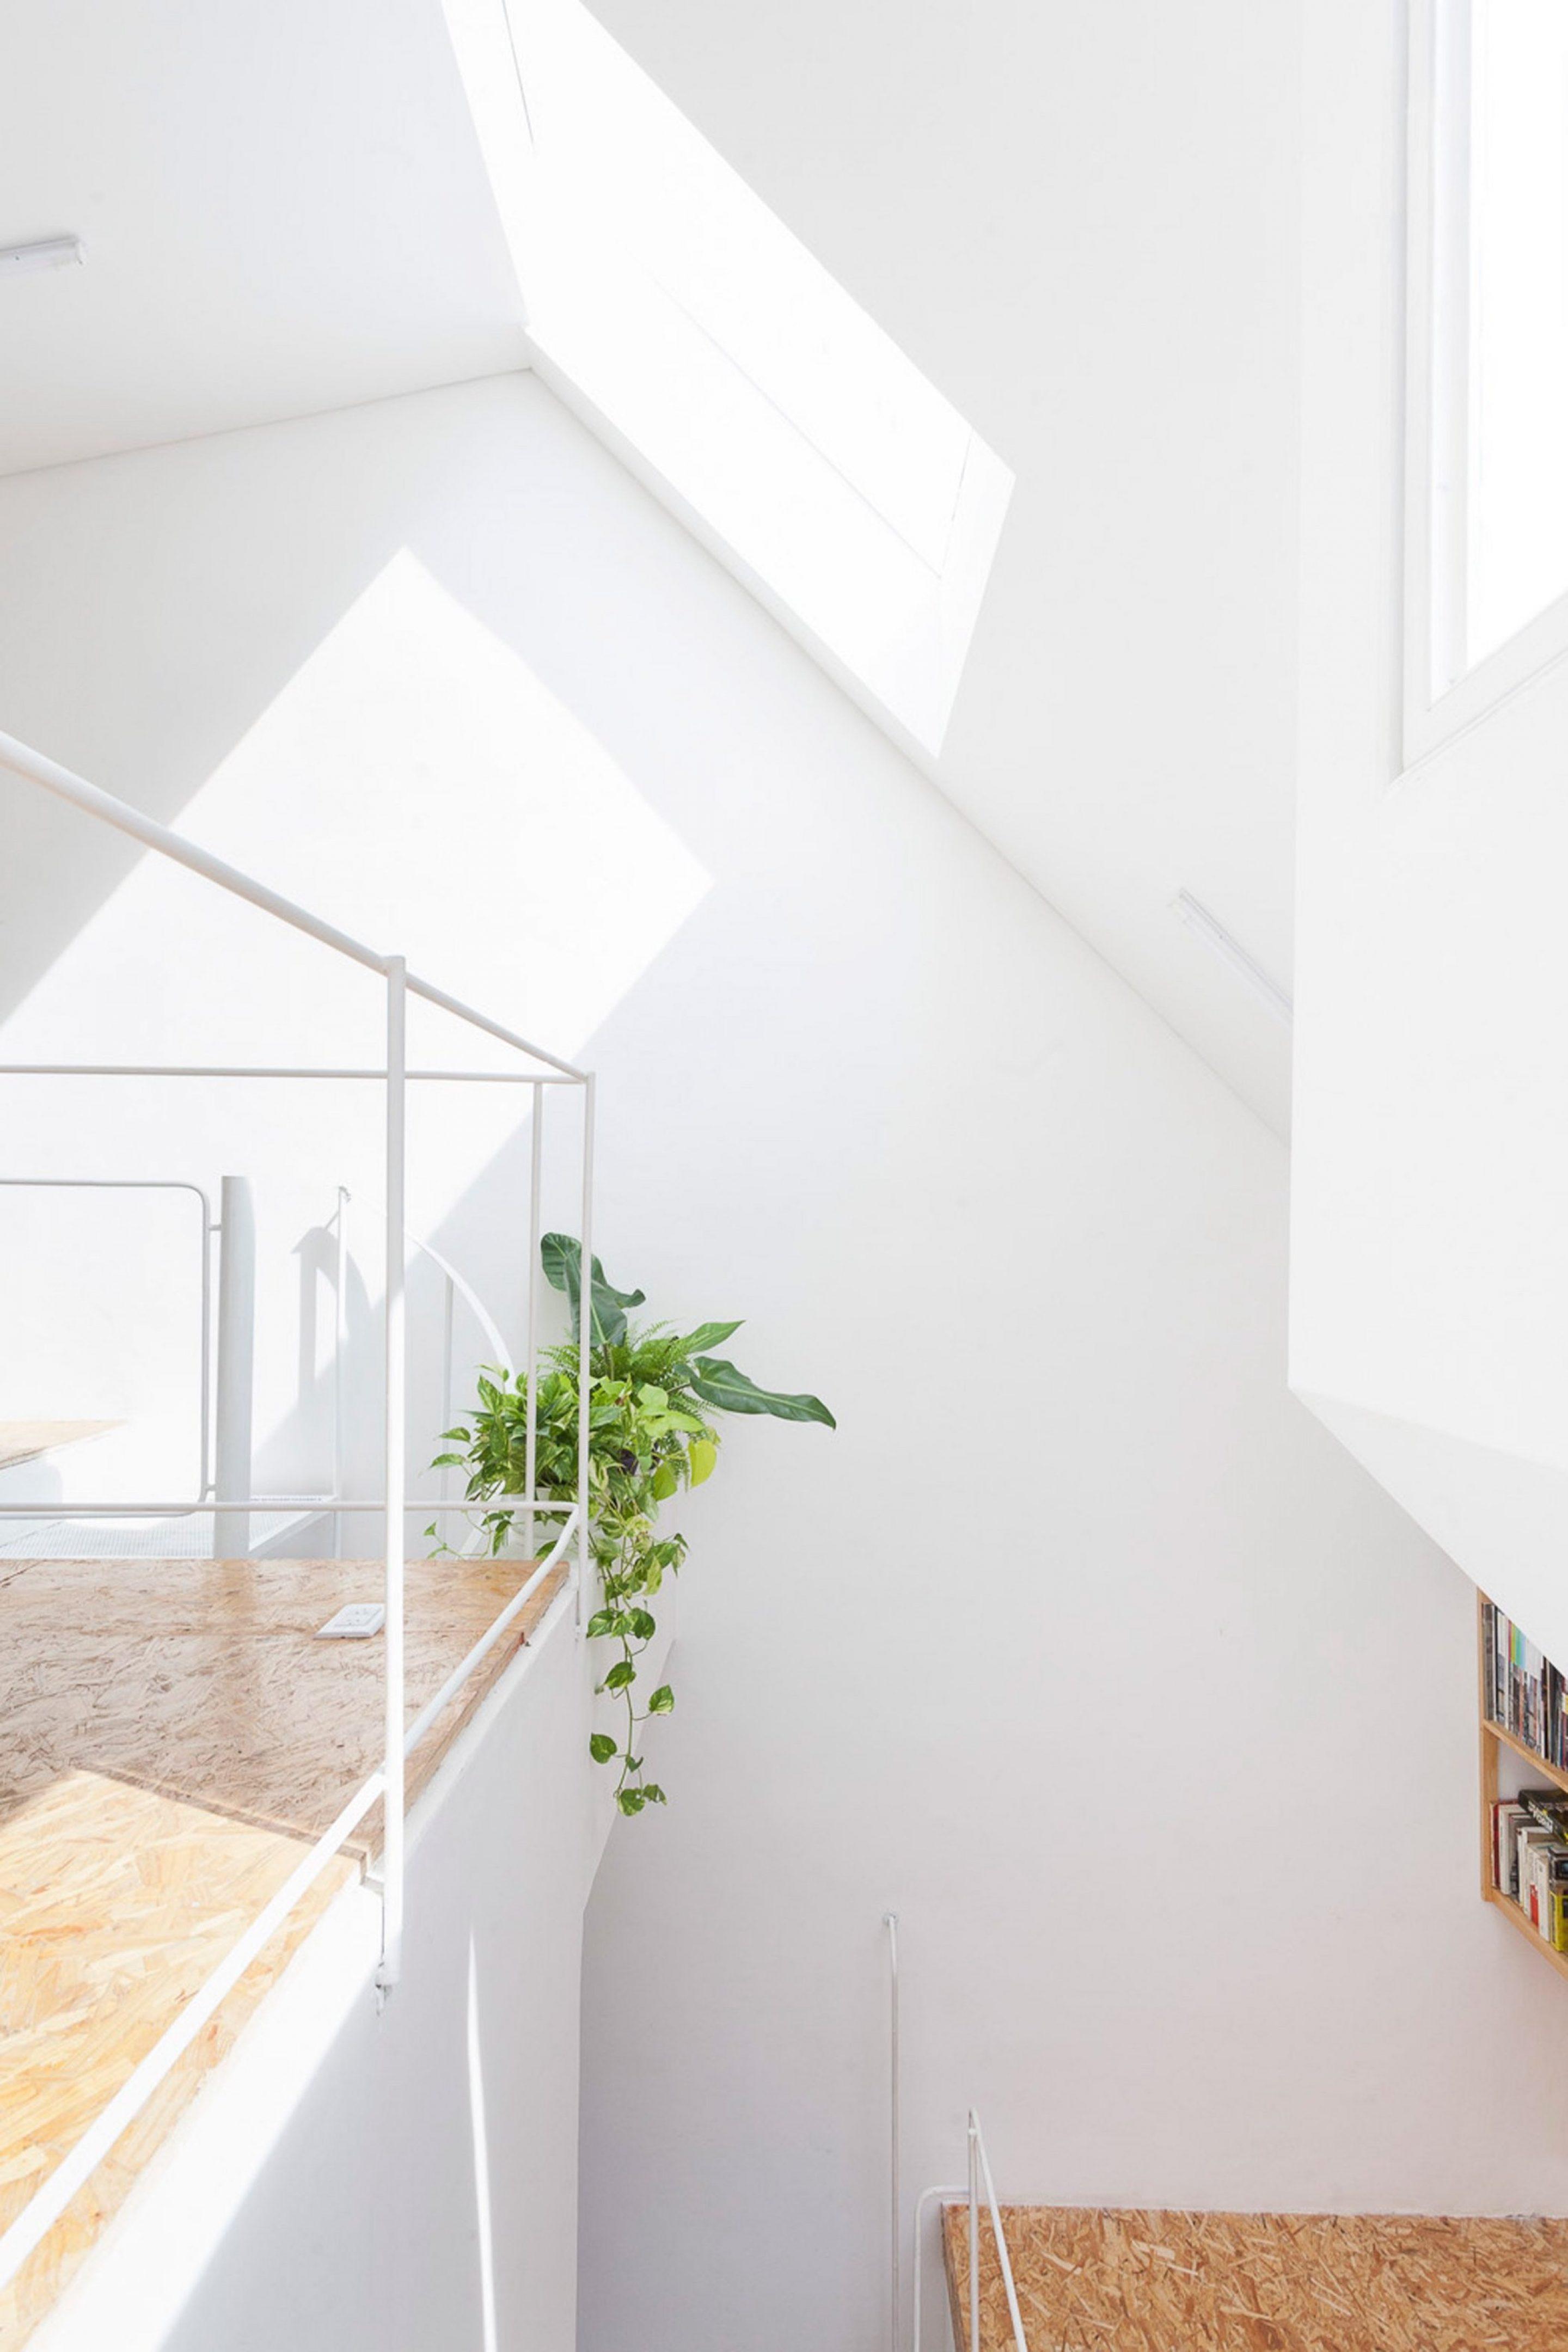 parallax-ph-lavalleja-ccpm-arquitectos-buenos-aires-